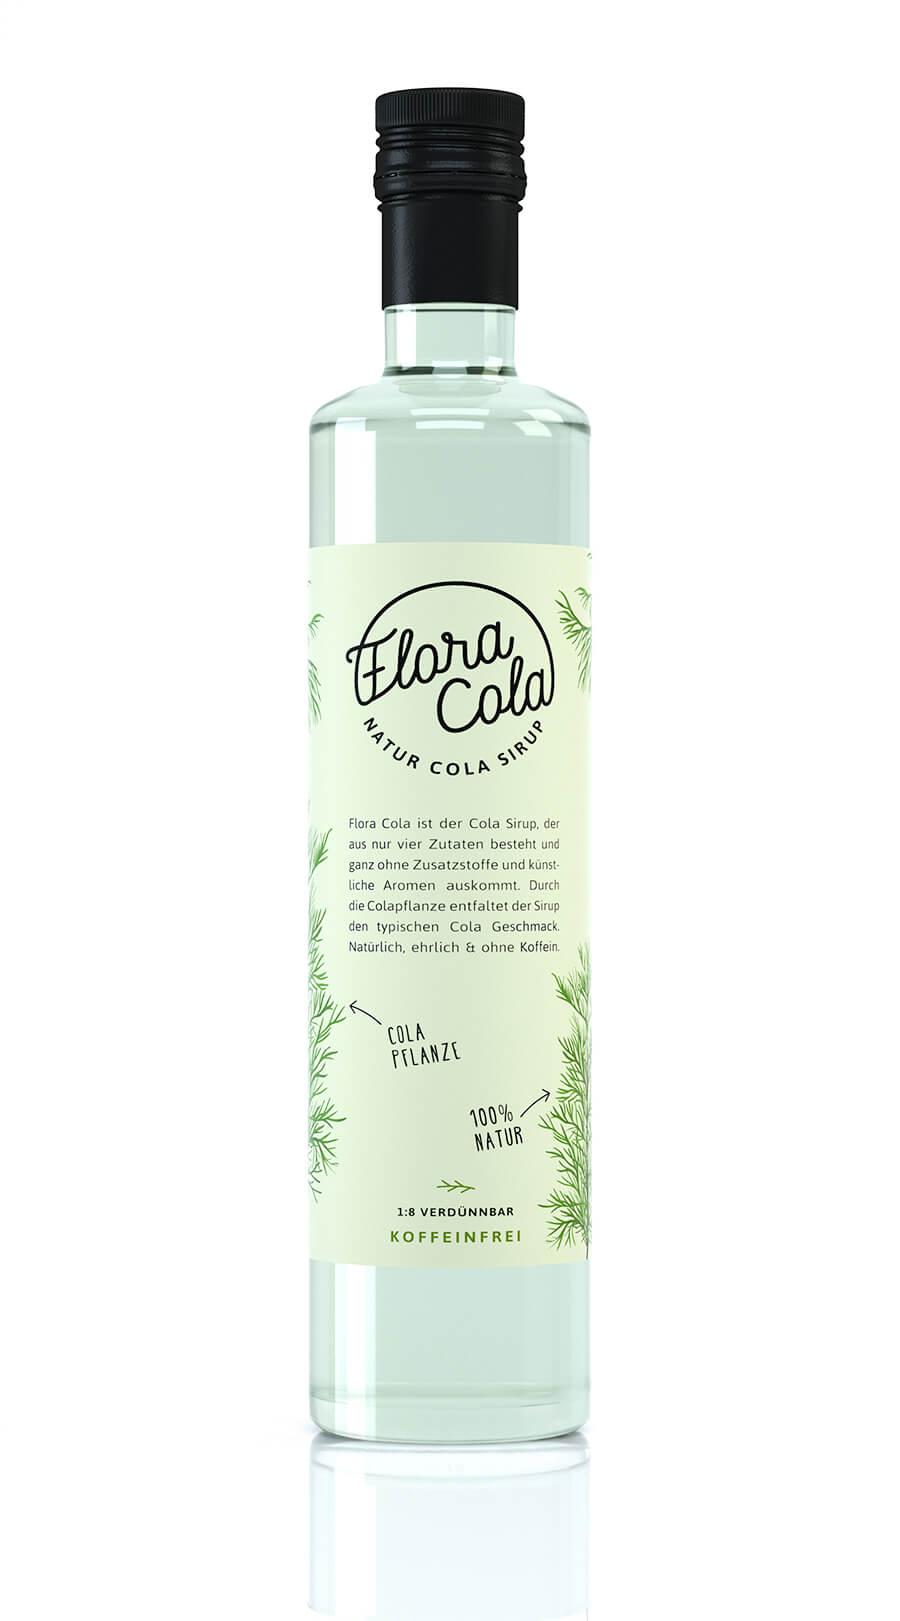 Floracola Produktvisualisierung Rendering Realistisch